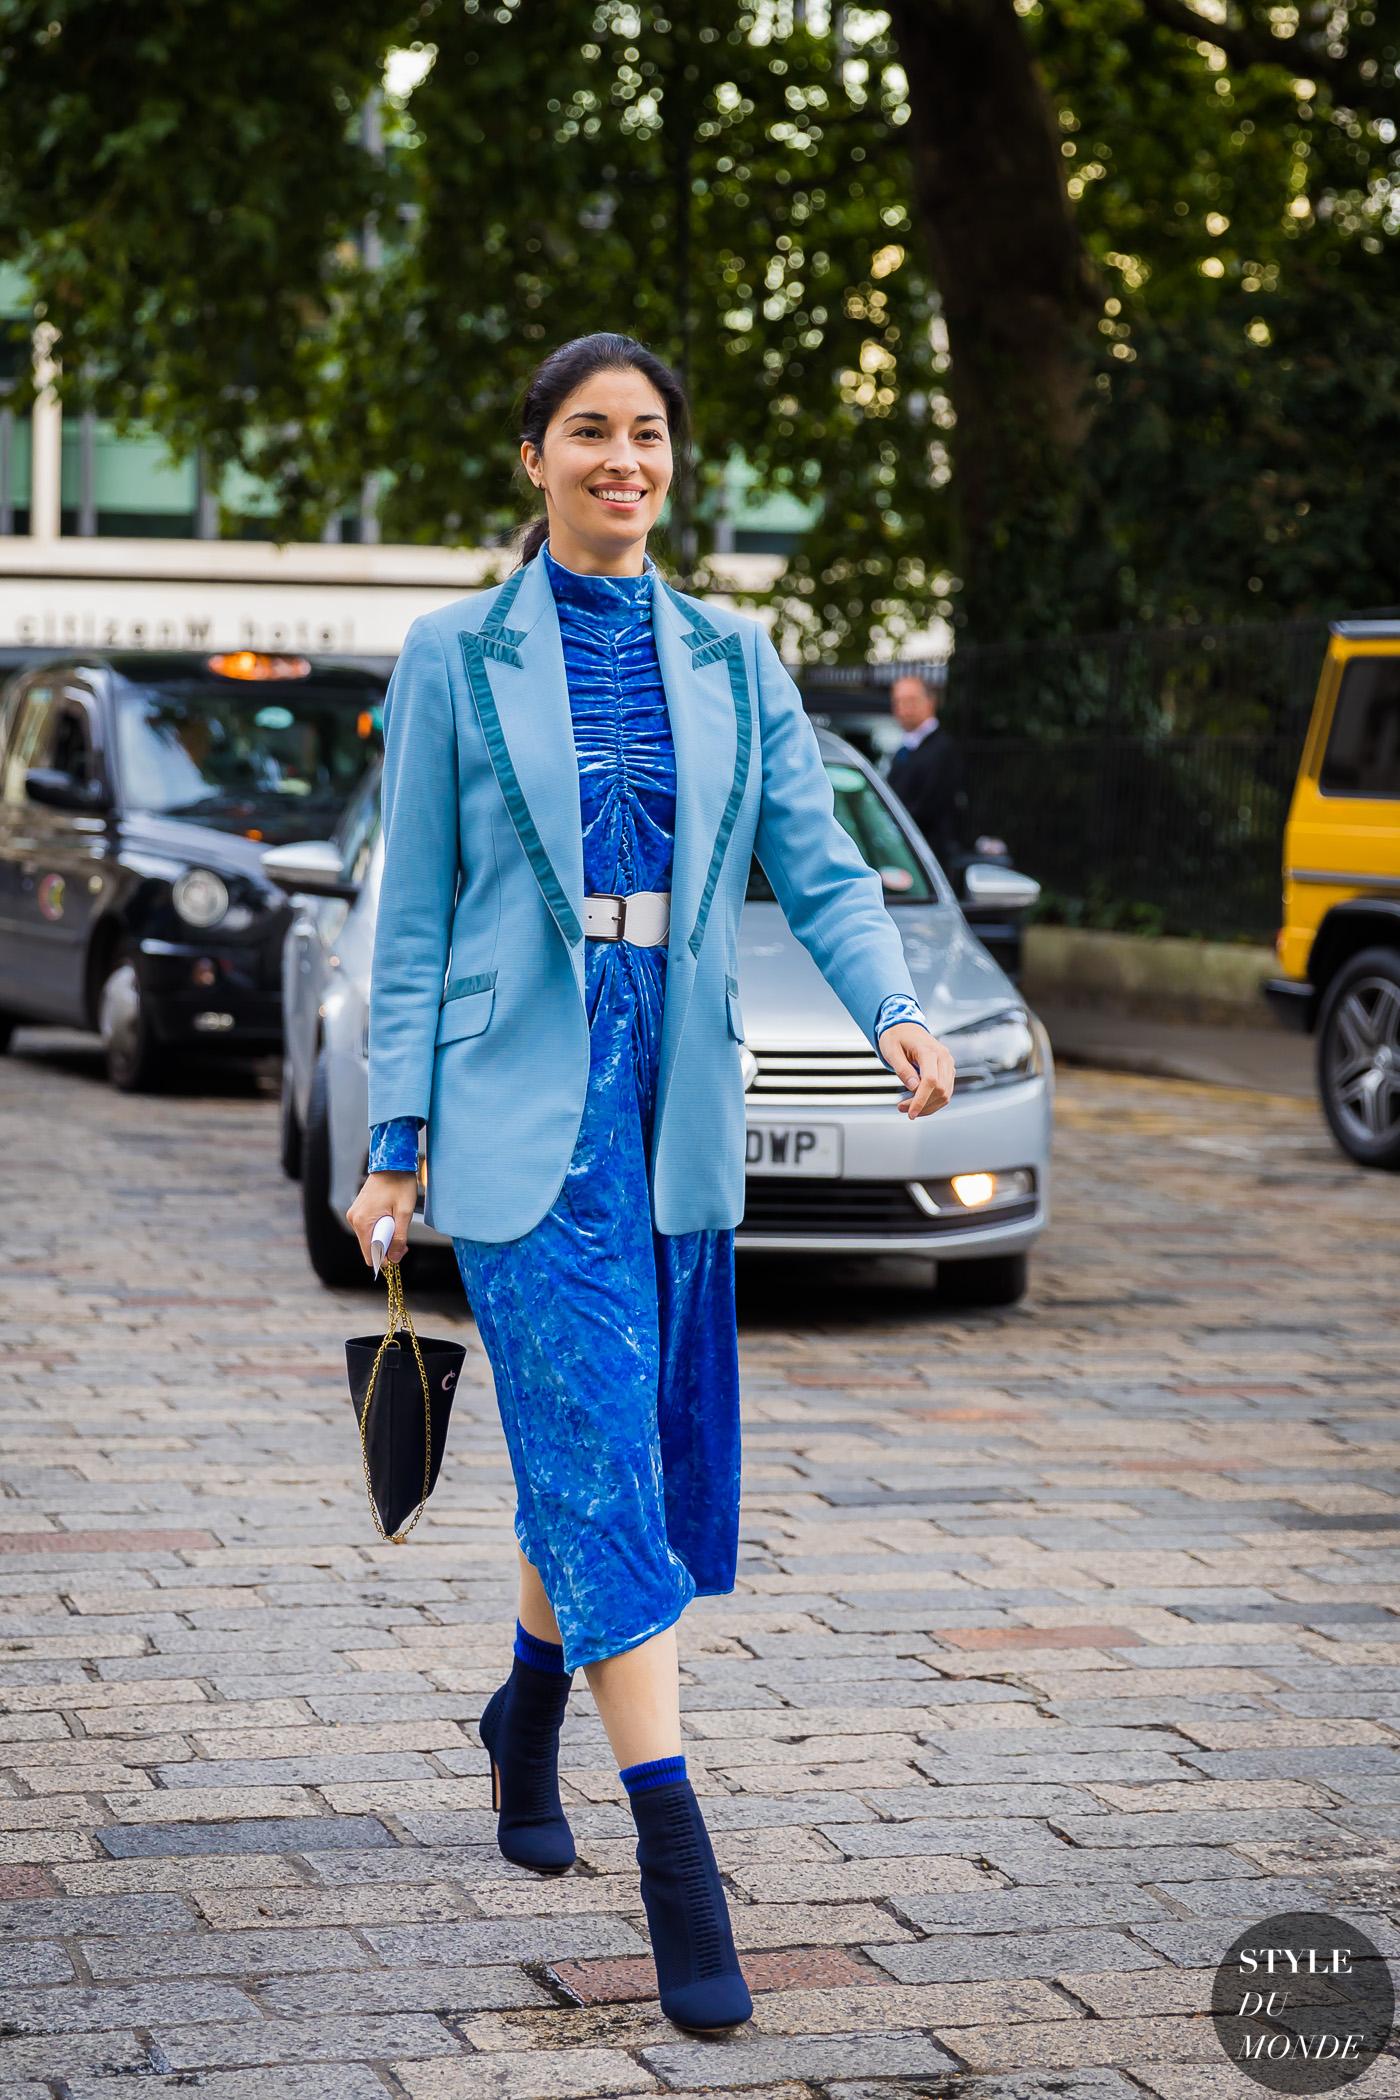 fashionista mặc áo blazer màu xanh và đầm nhung